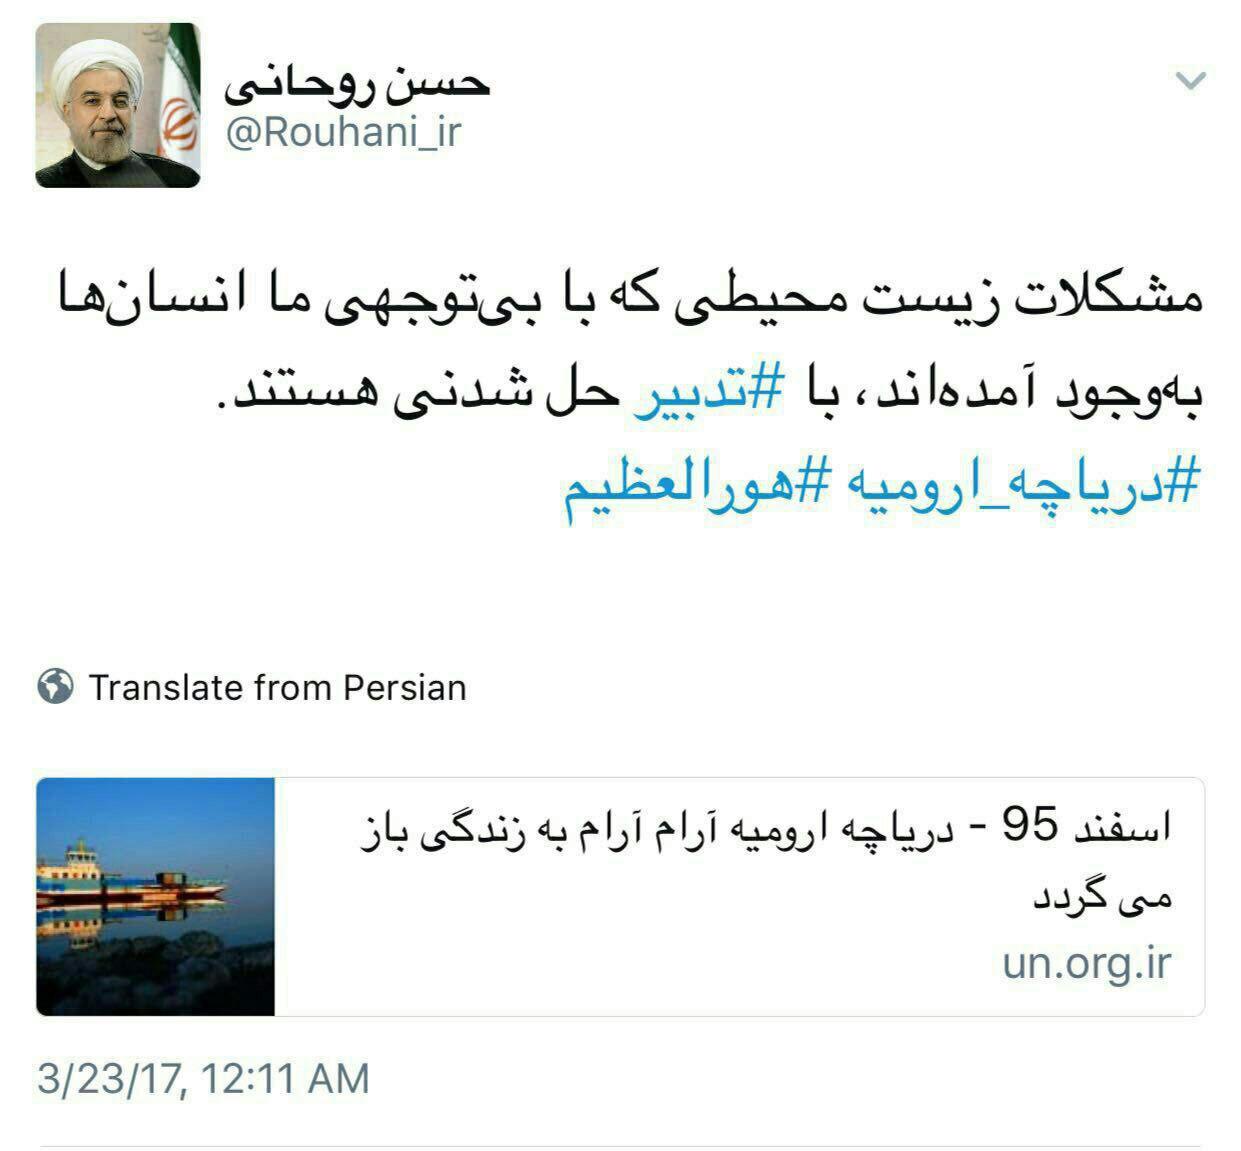 باشگاه خبرنگاران -مشکلات دریاچه ارومیه و هورالعظیم حل شدنی است